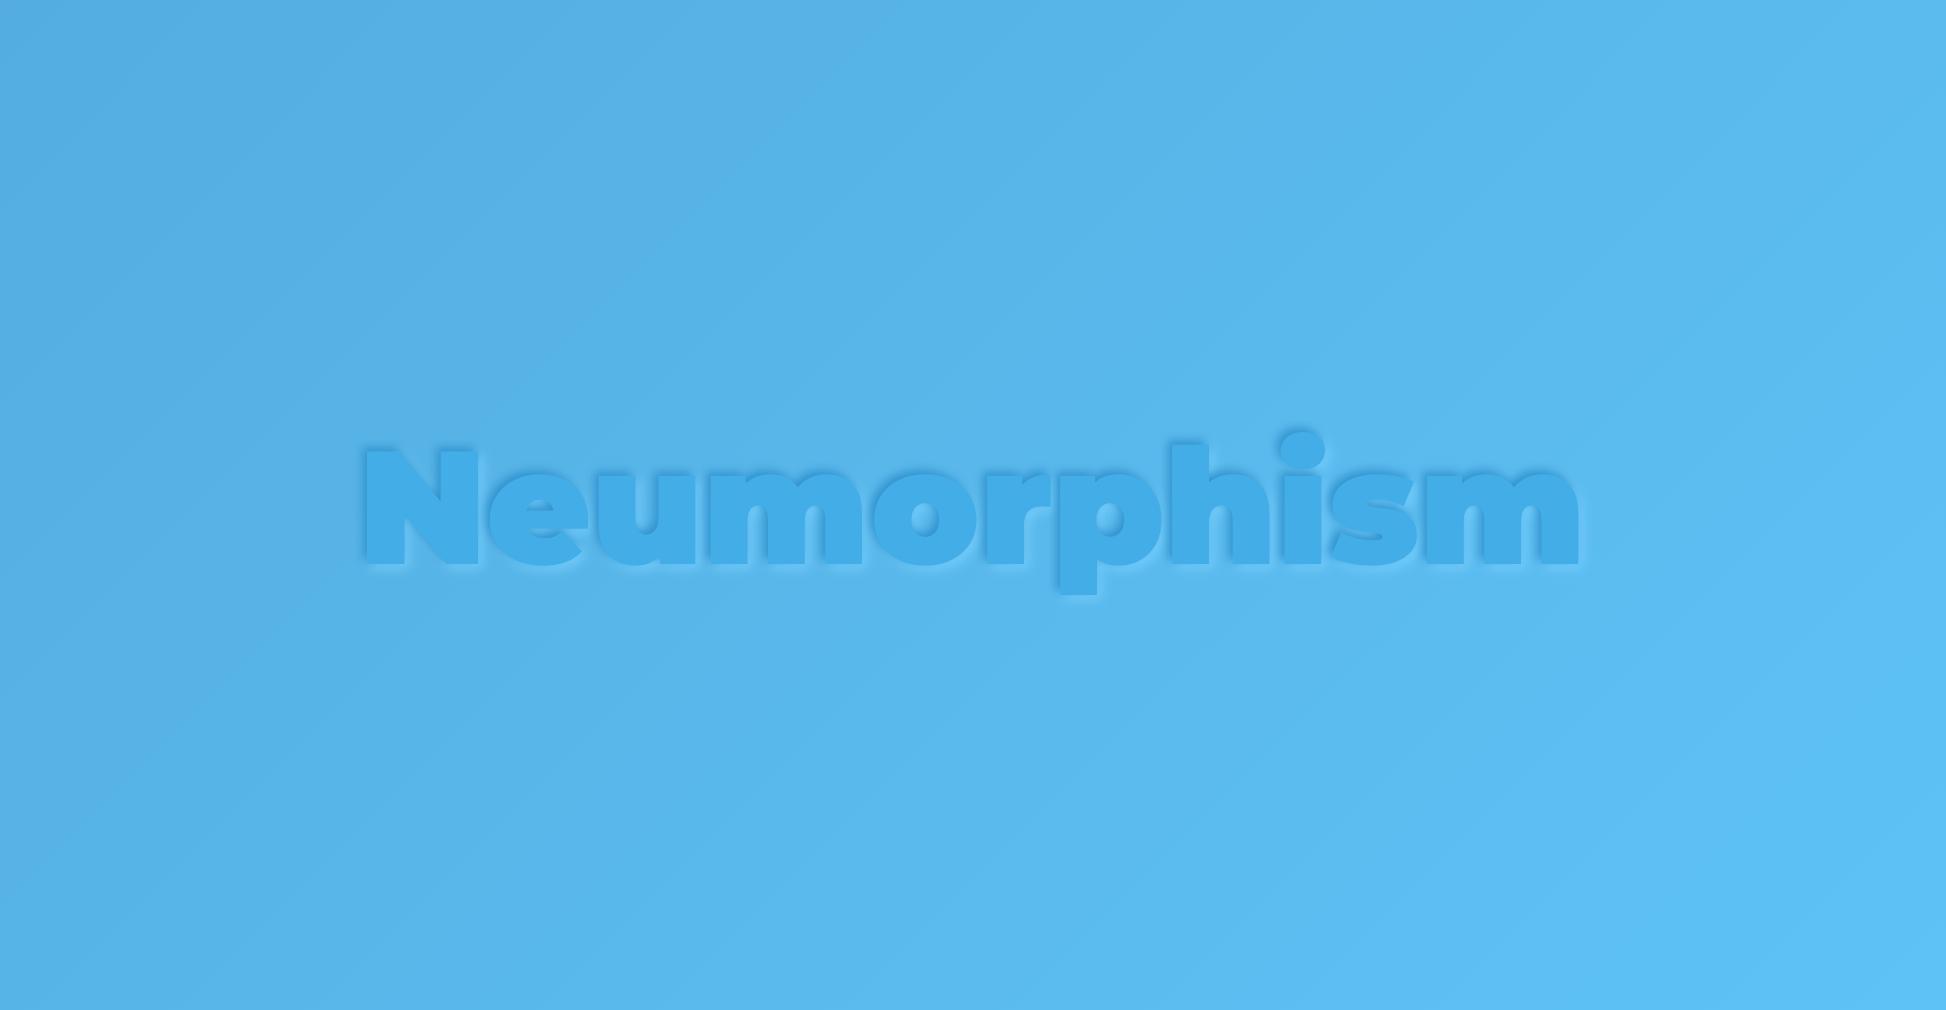 Neumorphic Text